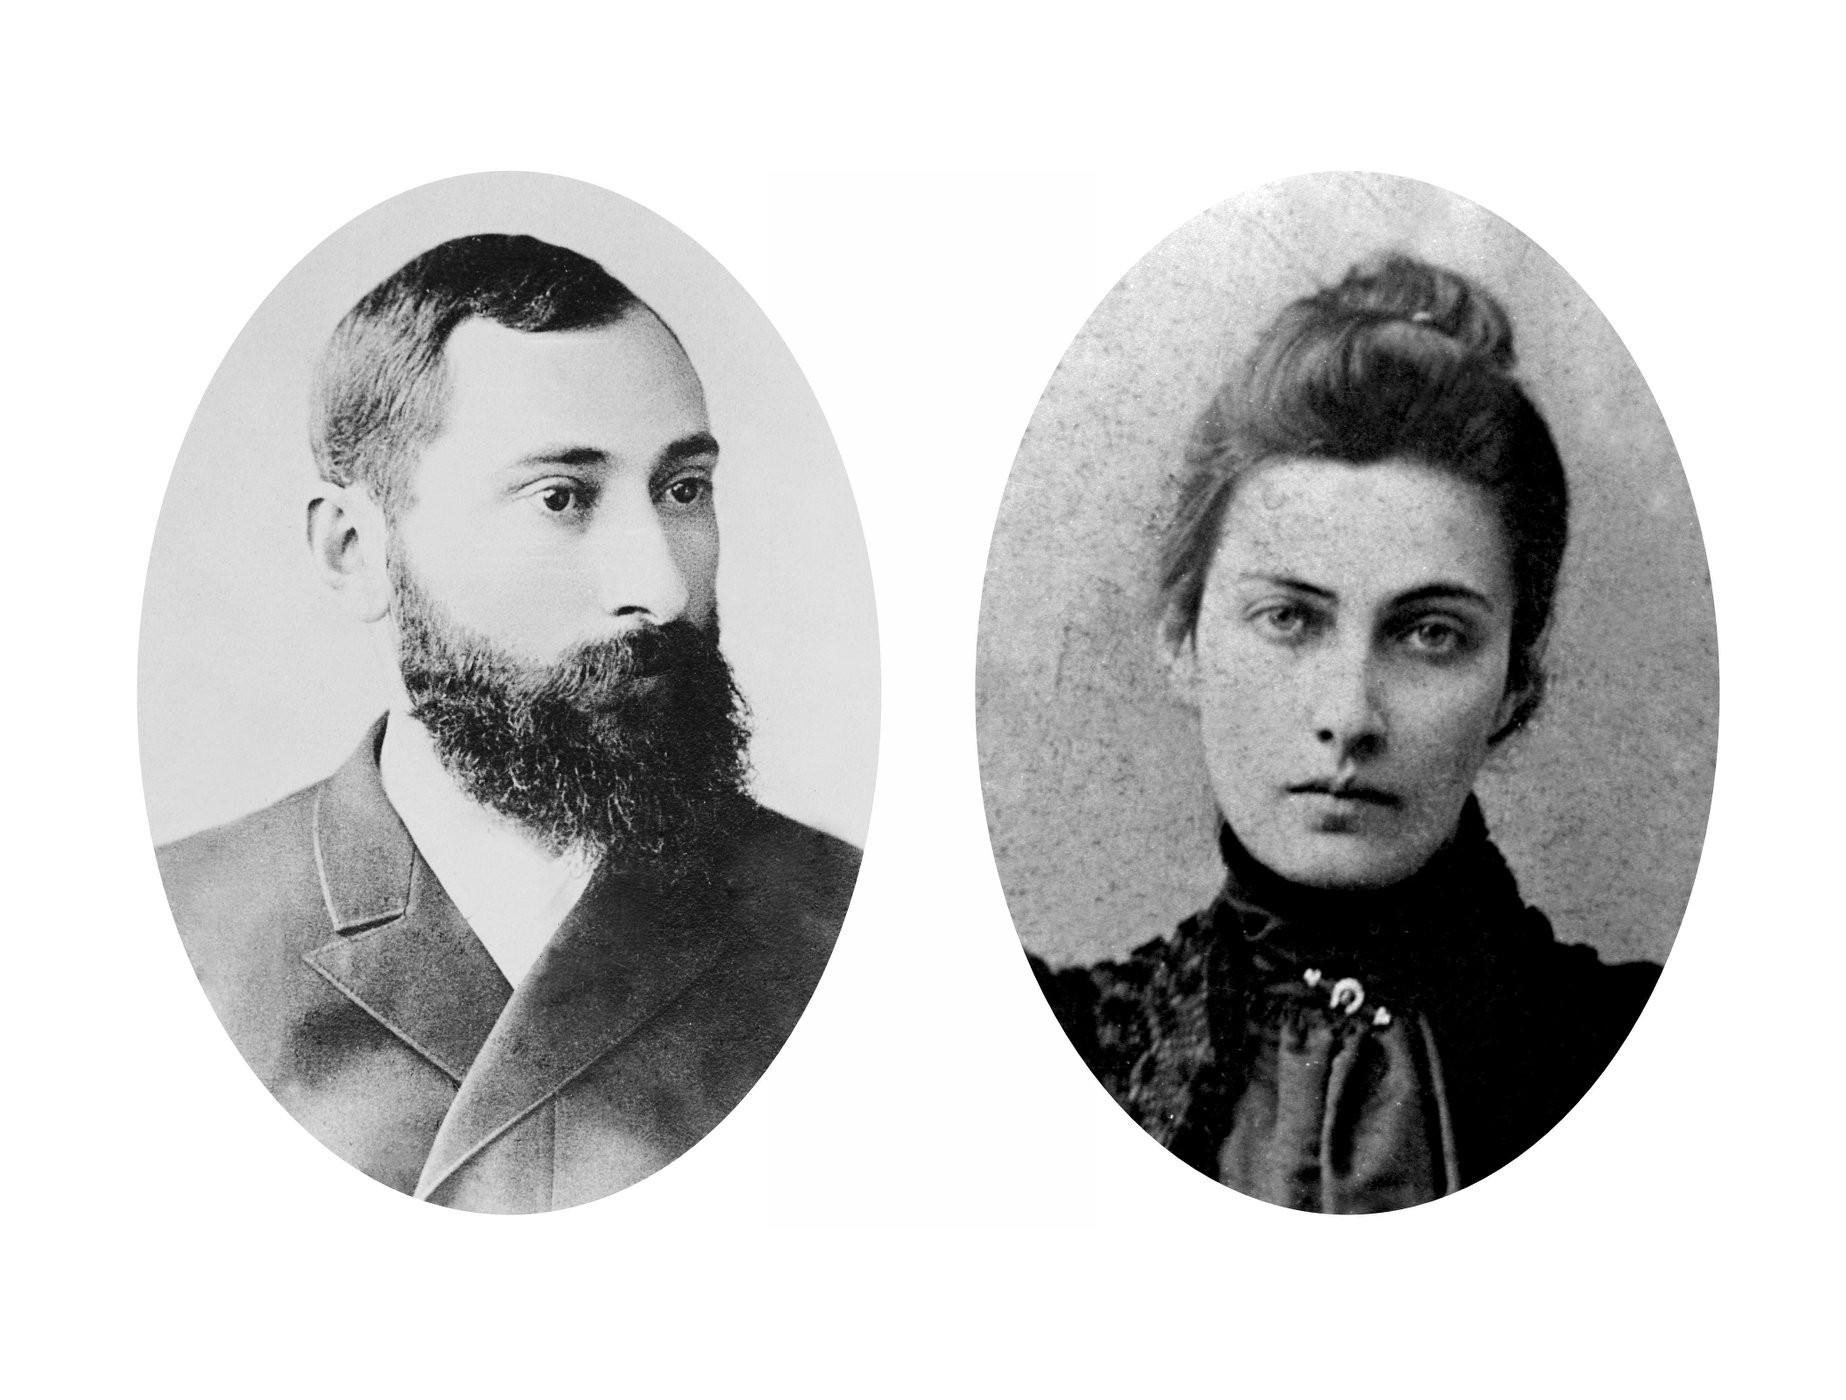 ექვთიმე თაყაიშვილი და მისი მეუღლე ნინო პოლტორაცკაია <br>  Ekvtime Takaishvili and his wife Nino Poltoratskaya